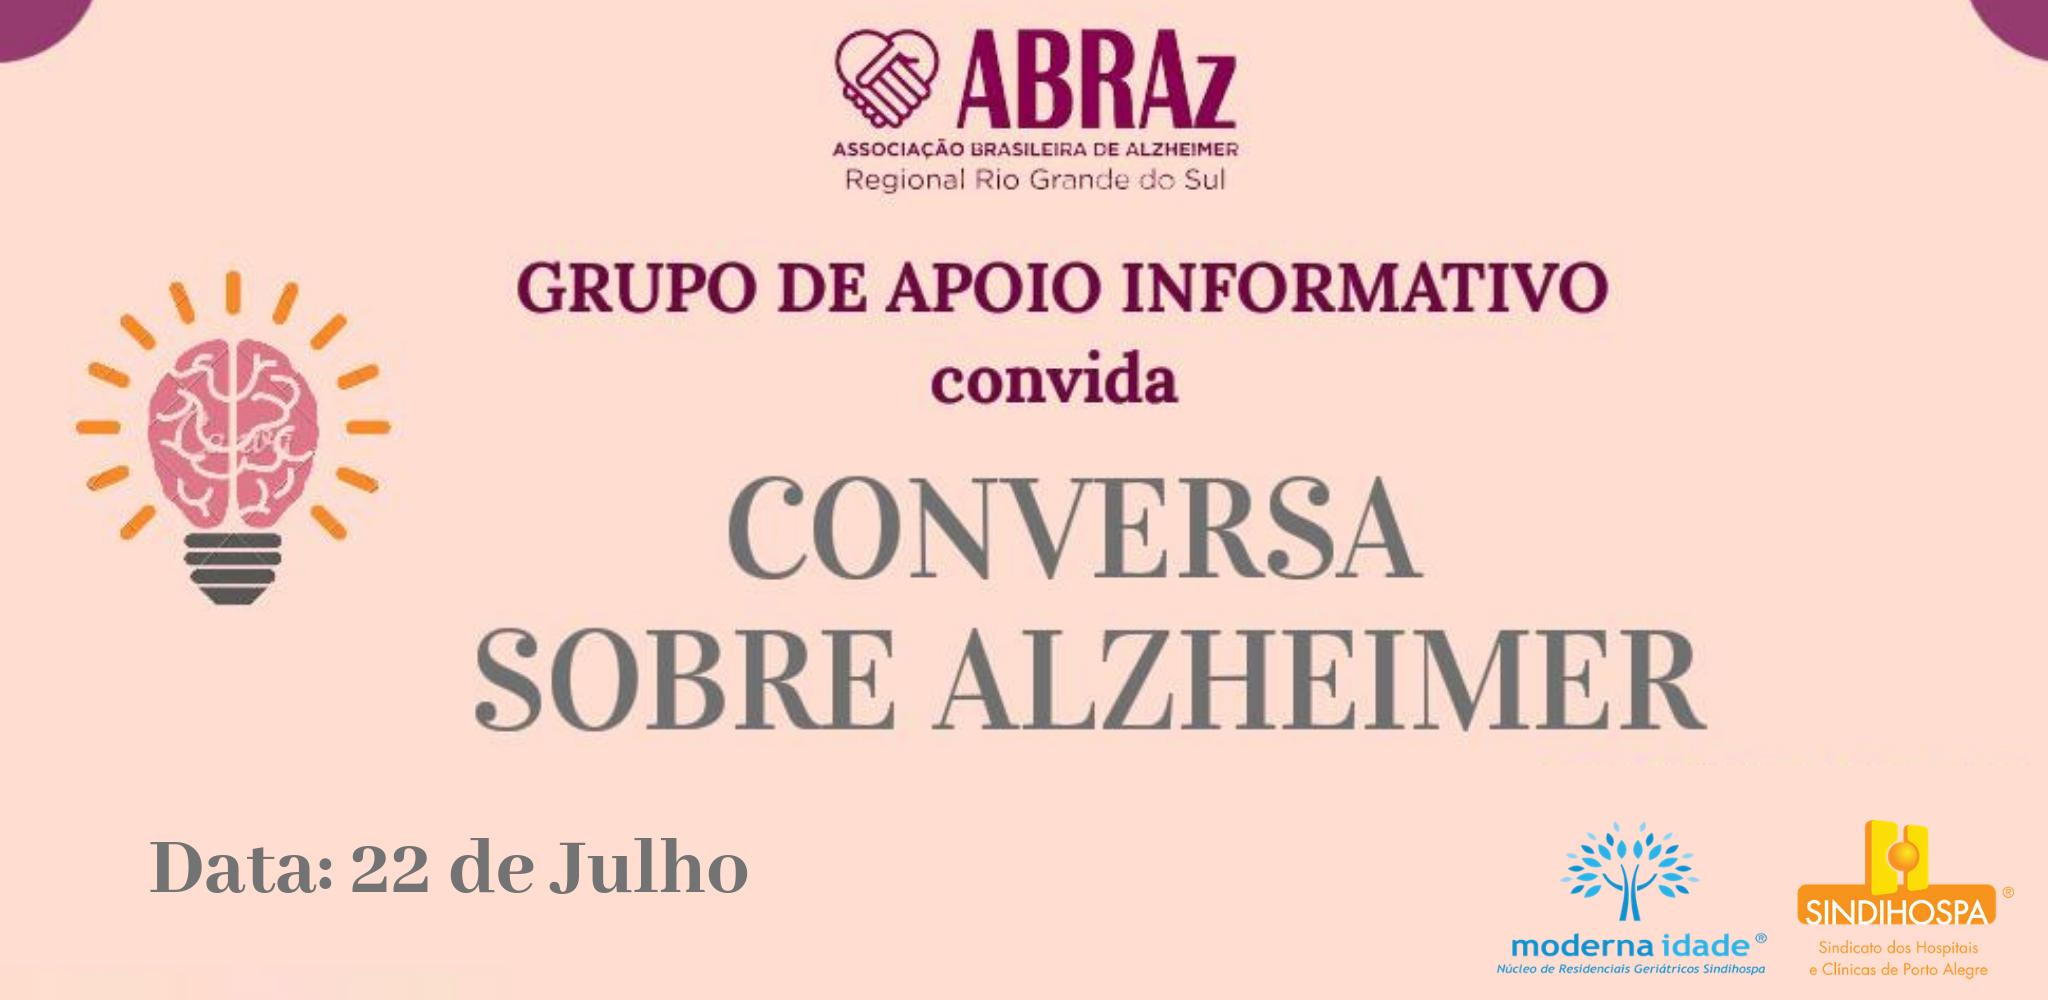 CONVERSA SOBRE ALZHEIMER